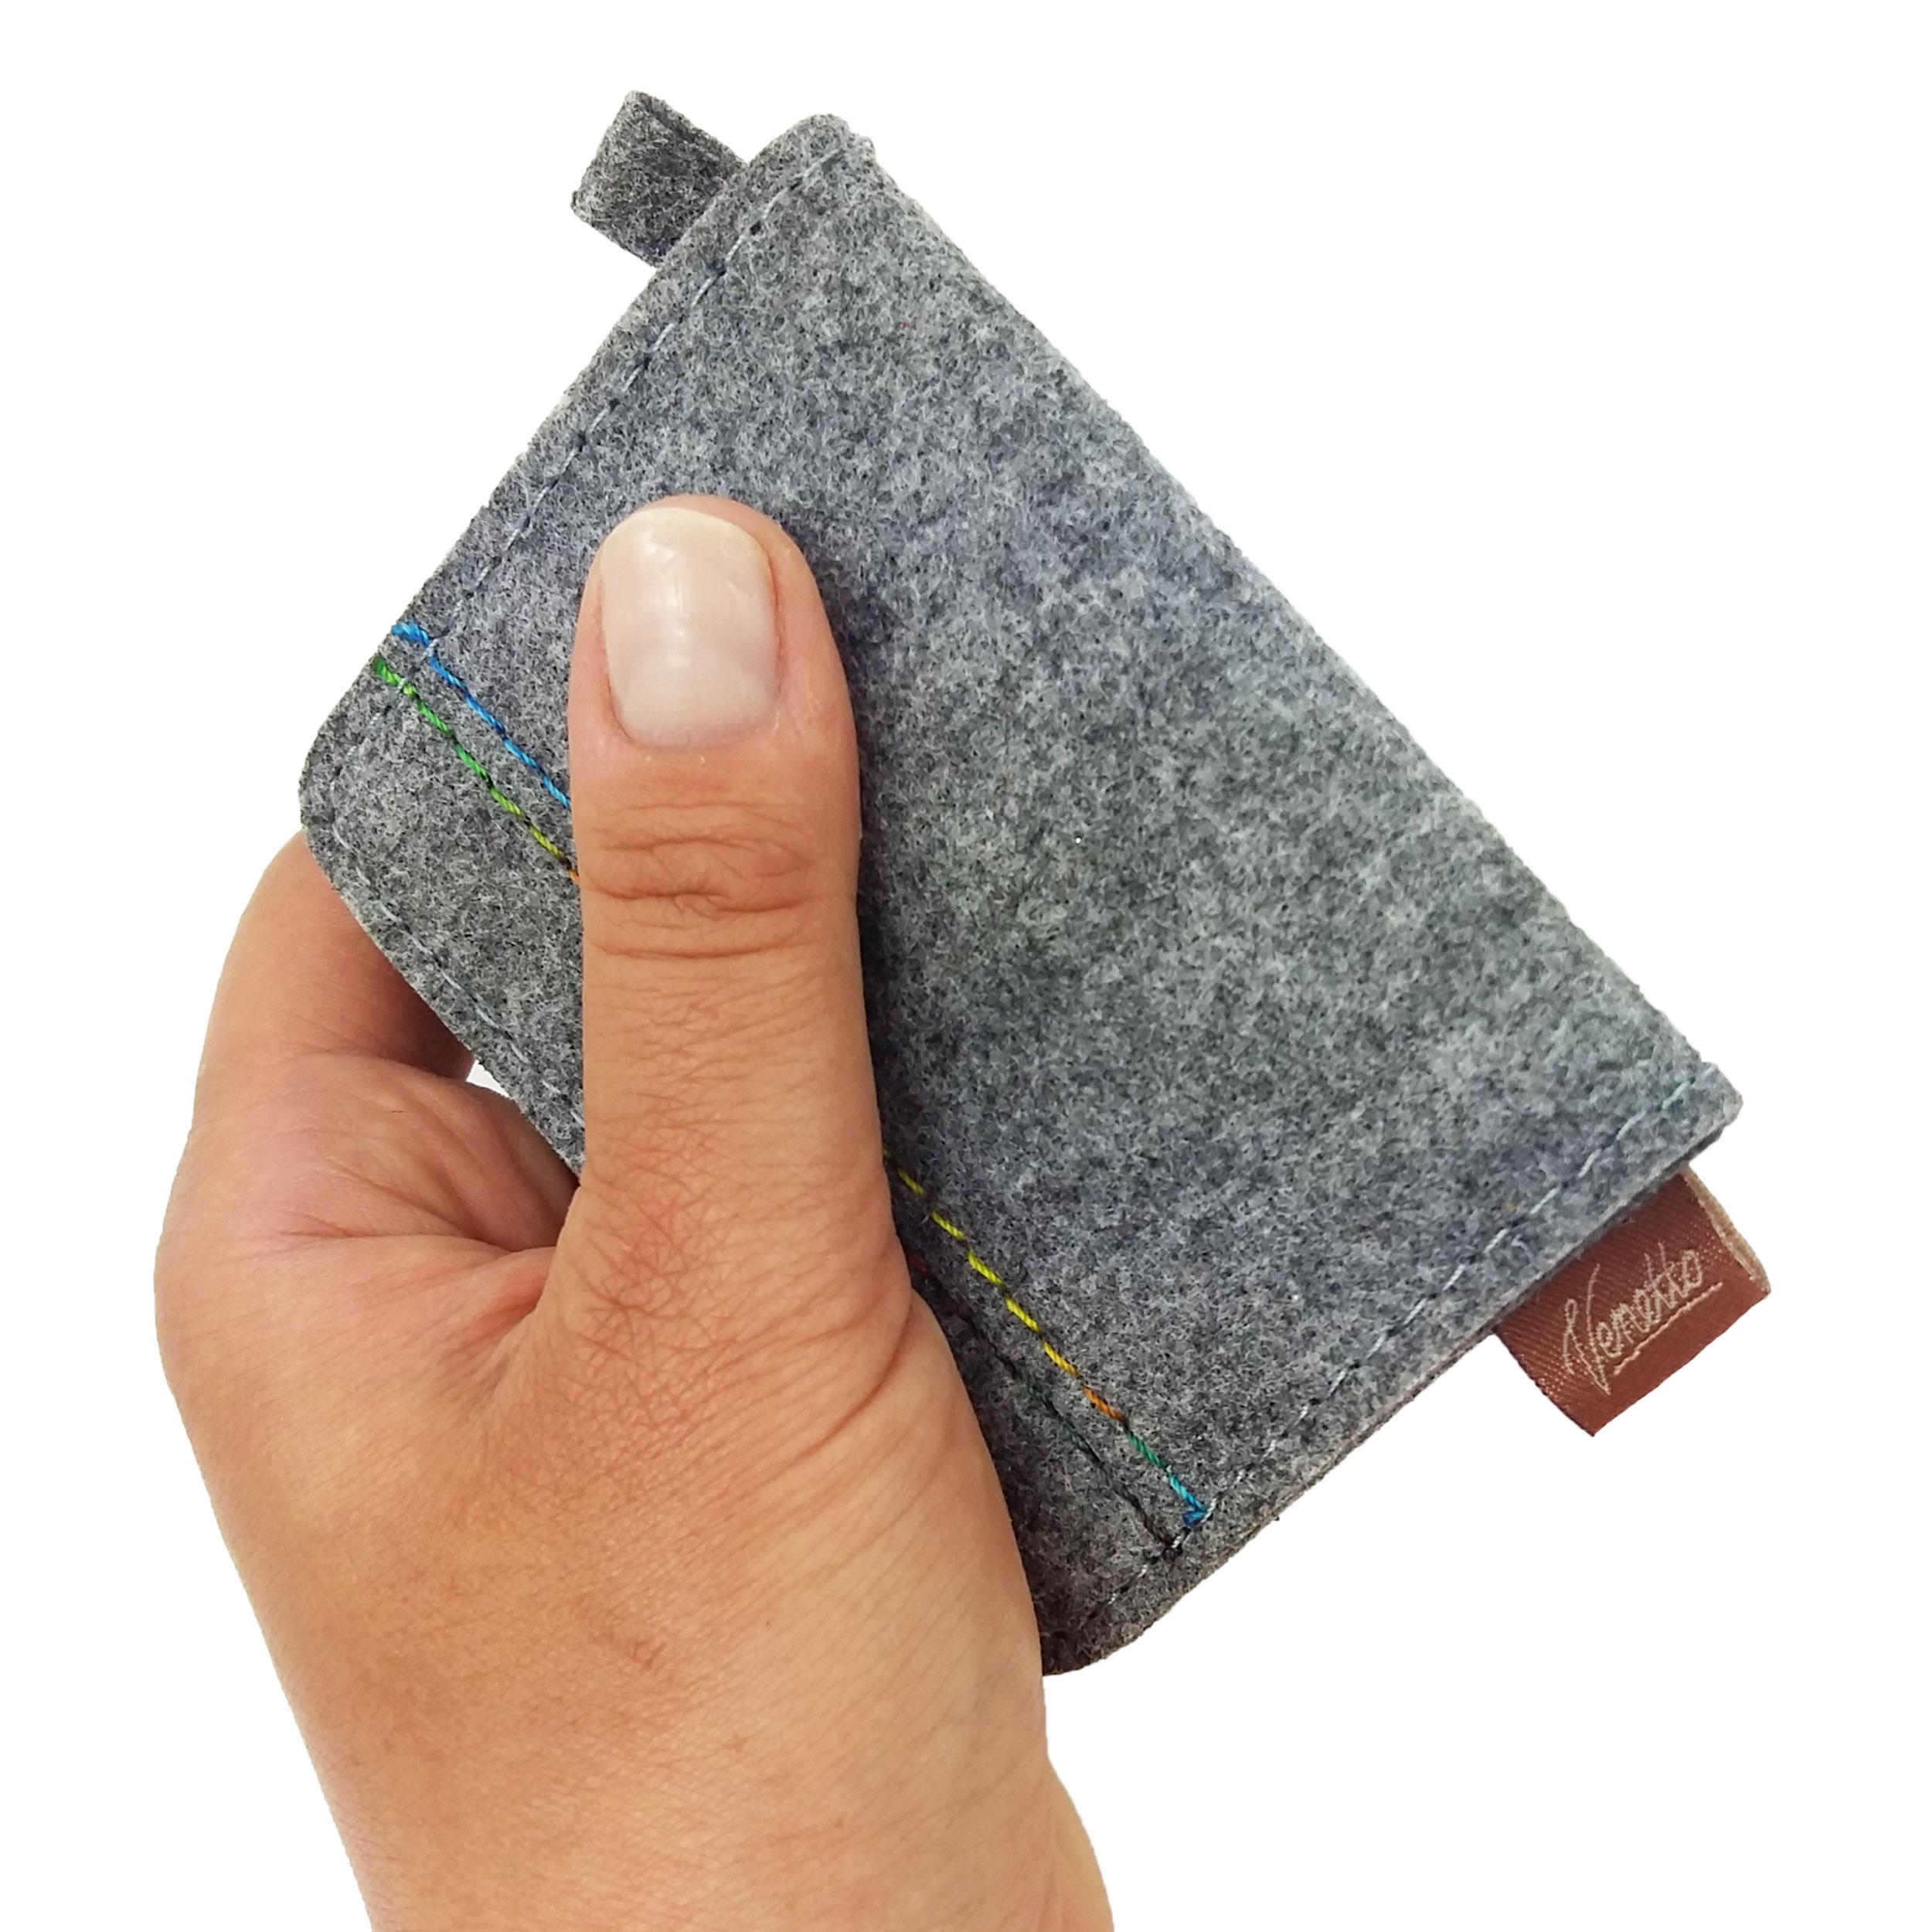 Mini Geldbörse Geldtasche Kinderbörse aus Filz direkt vom Hersteller